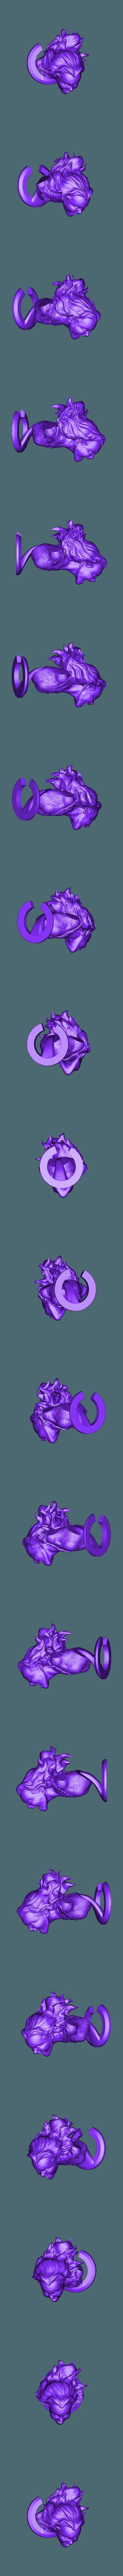 JoyfulYell_Low.stl Télécharger fichier STL gratuit Le joyeux hurlement • Plan pour imprimante 3D, bendansie